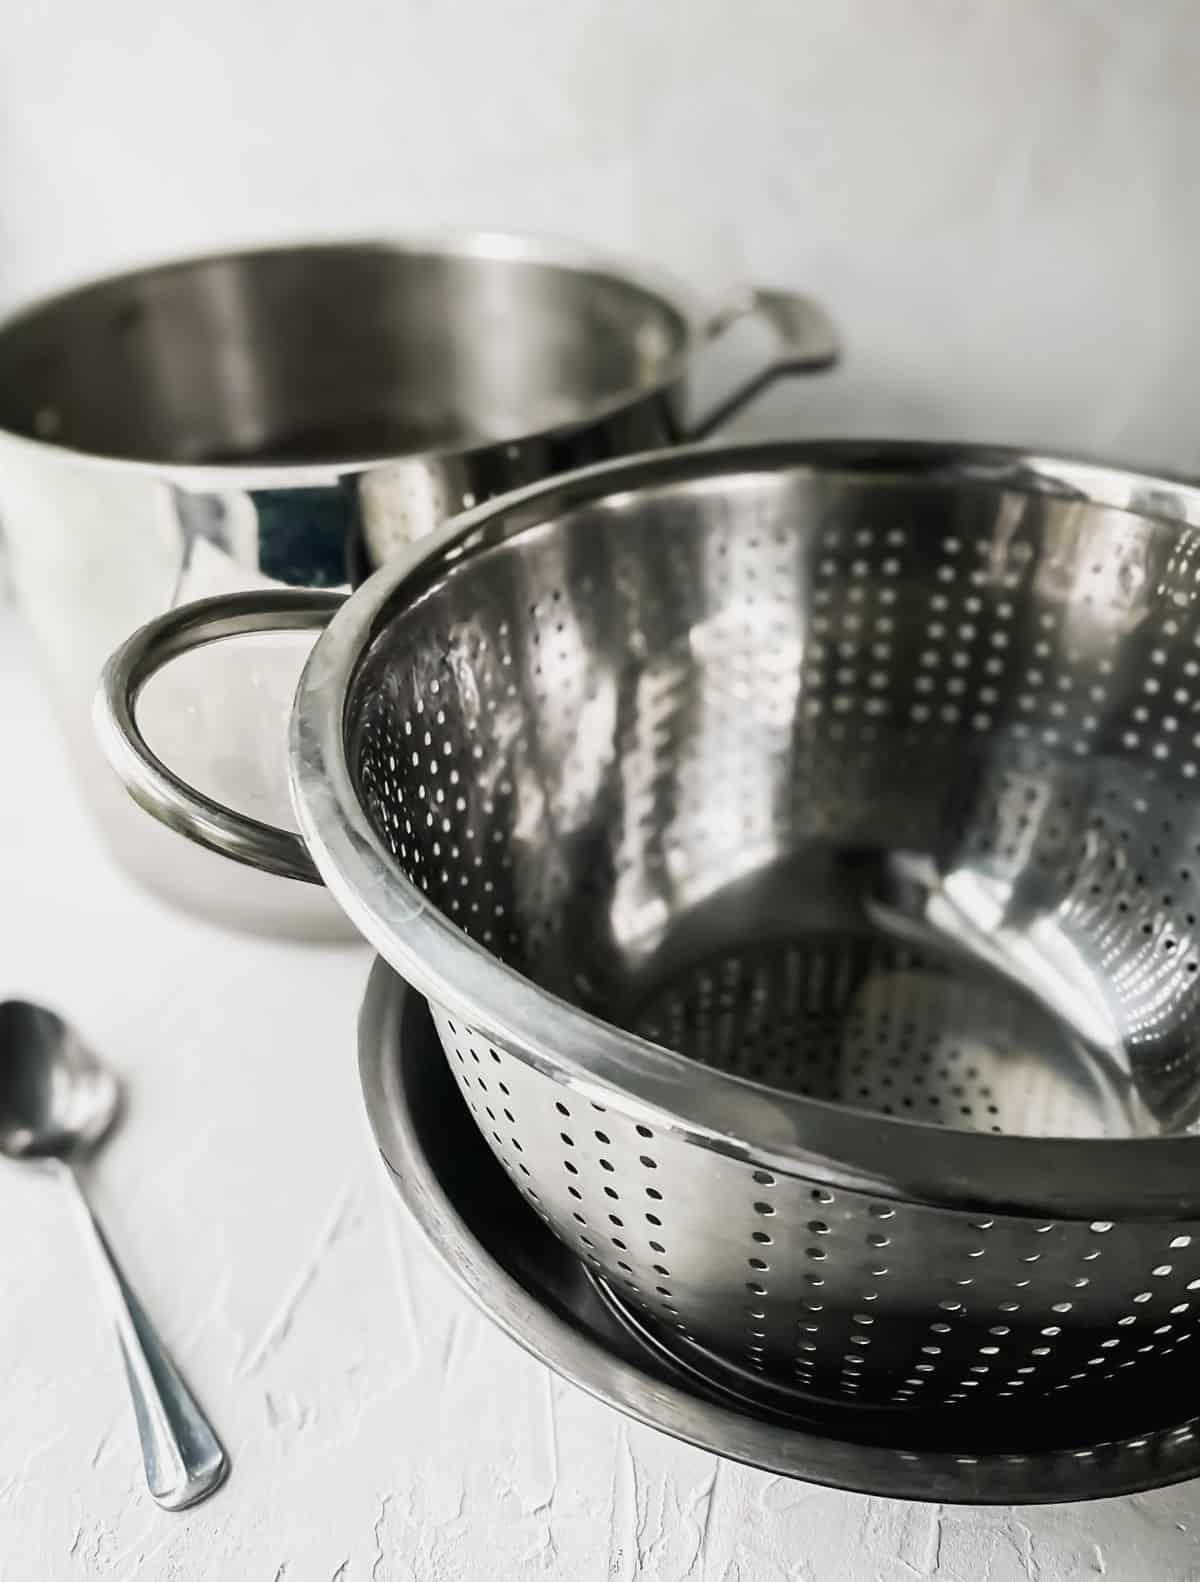 metal colander inside a metal bowl